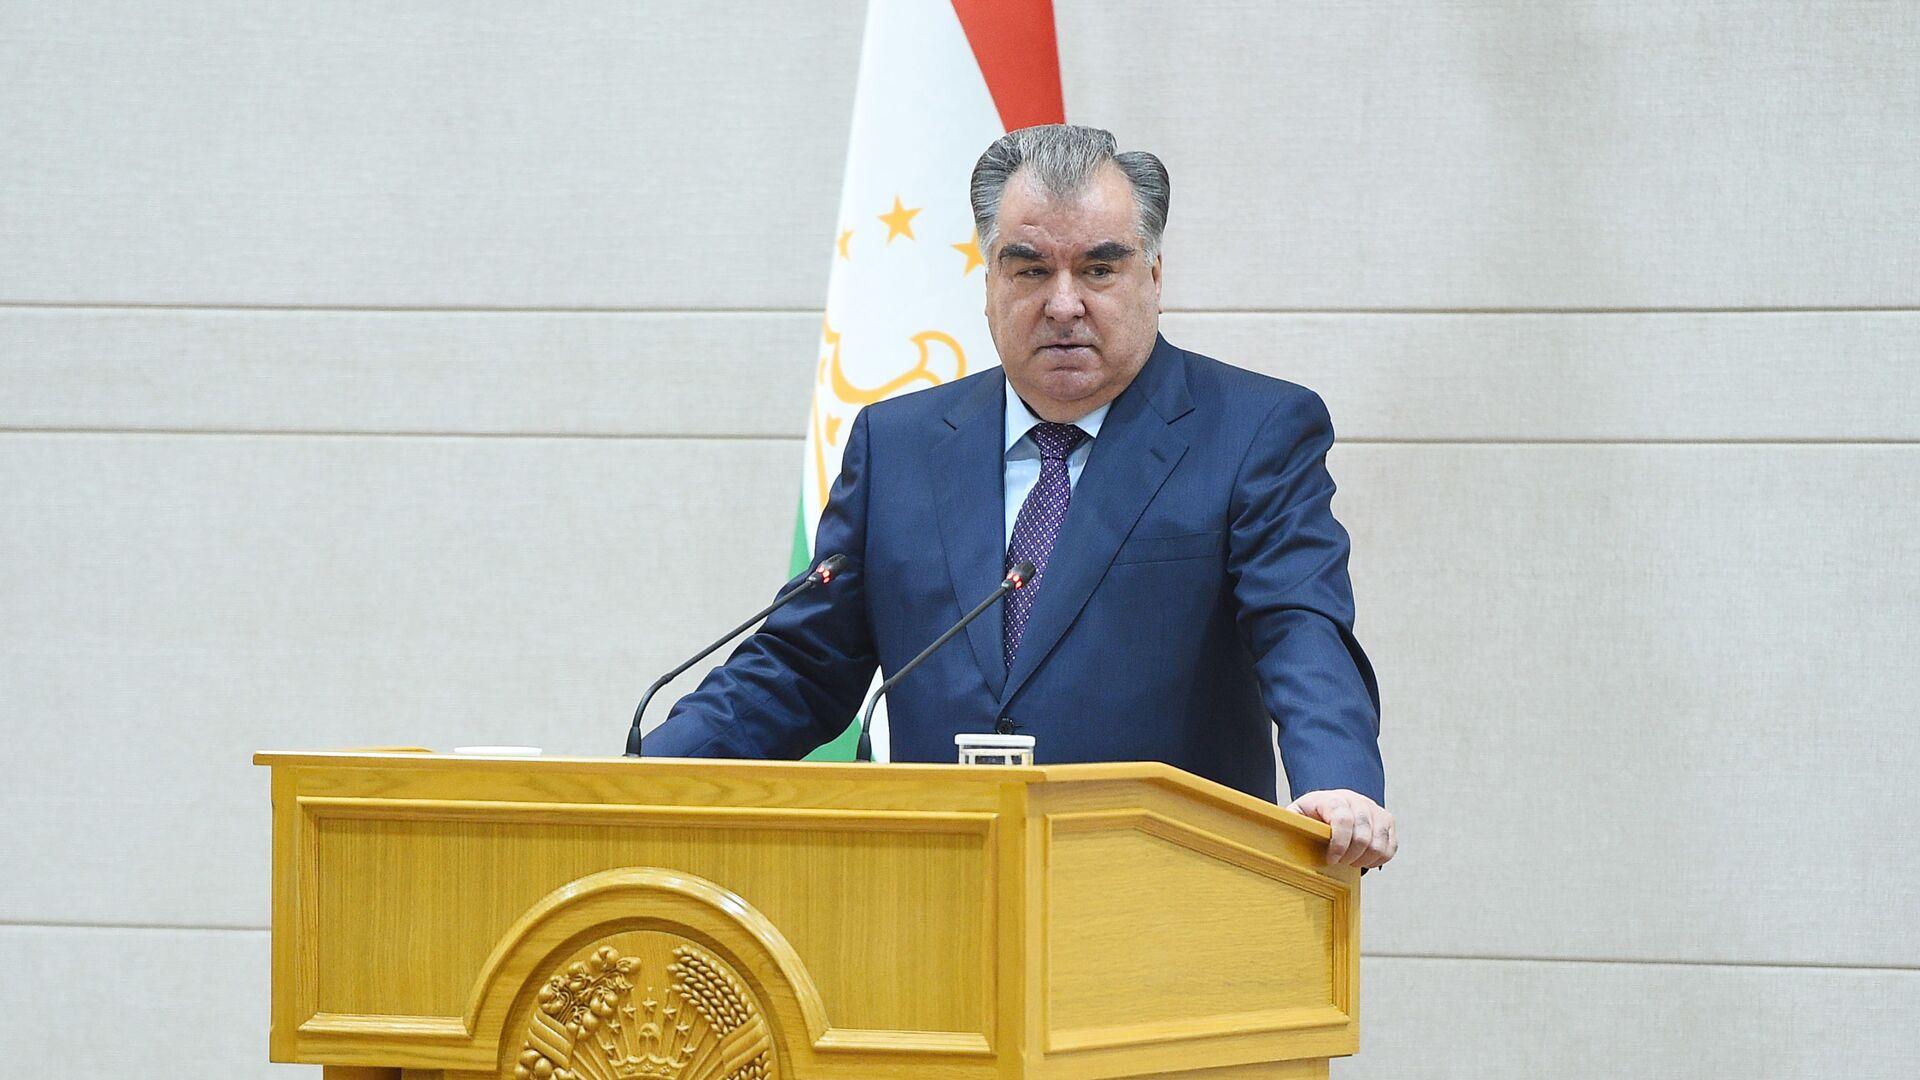 Президент Таджикистана Эмомали Рахмон - Sputnik Таджикистан, 1920, 21.07.2021